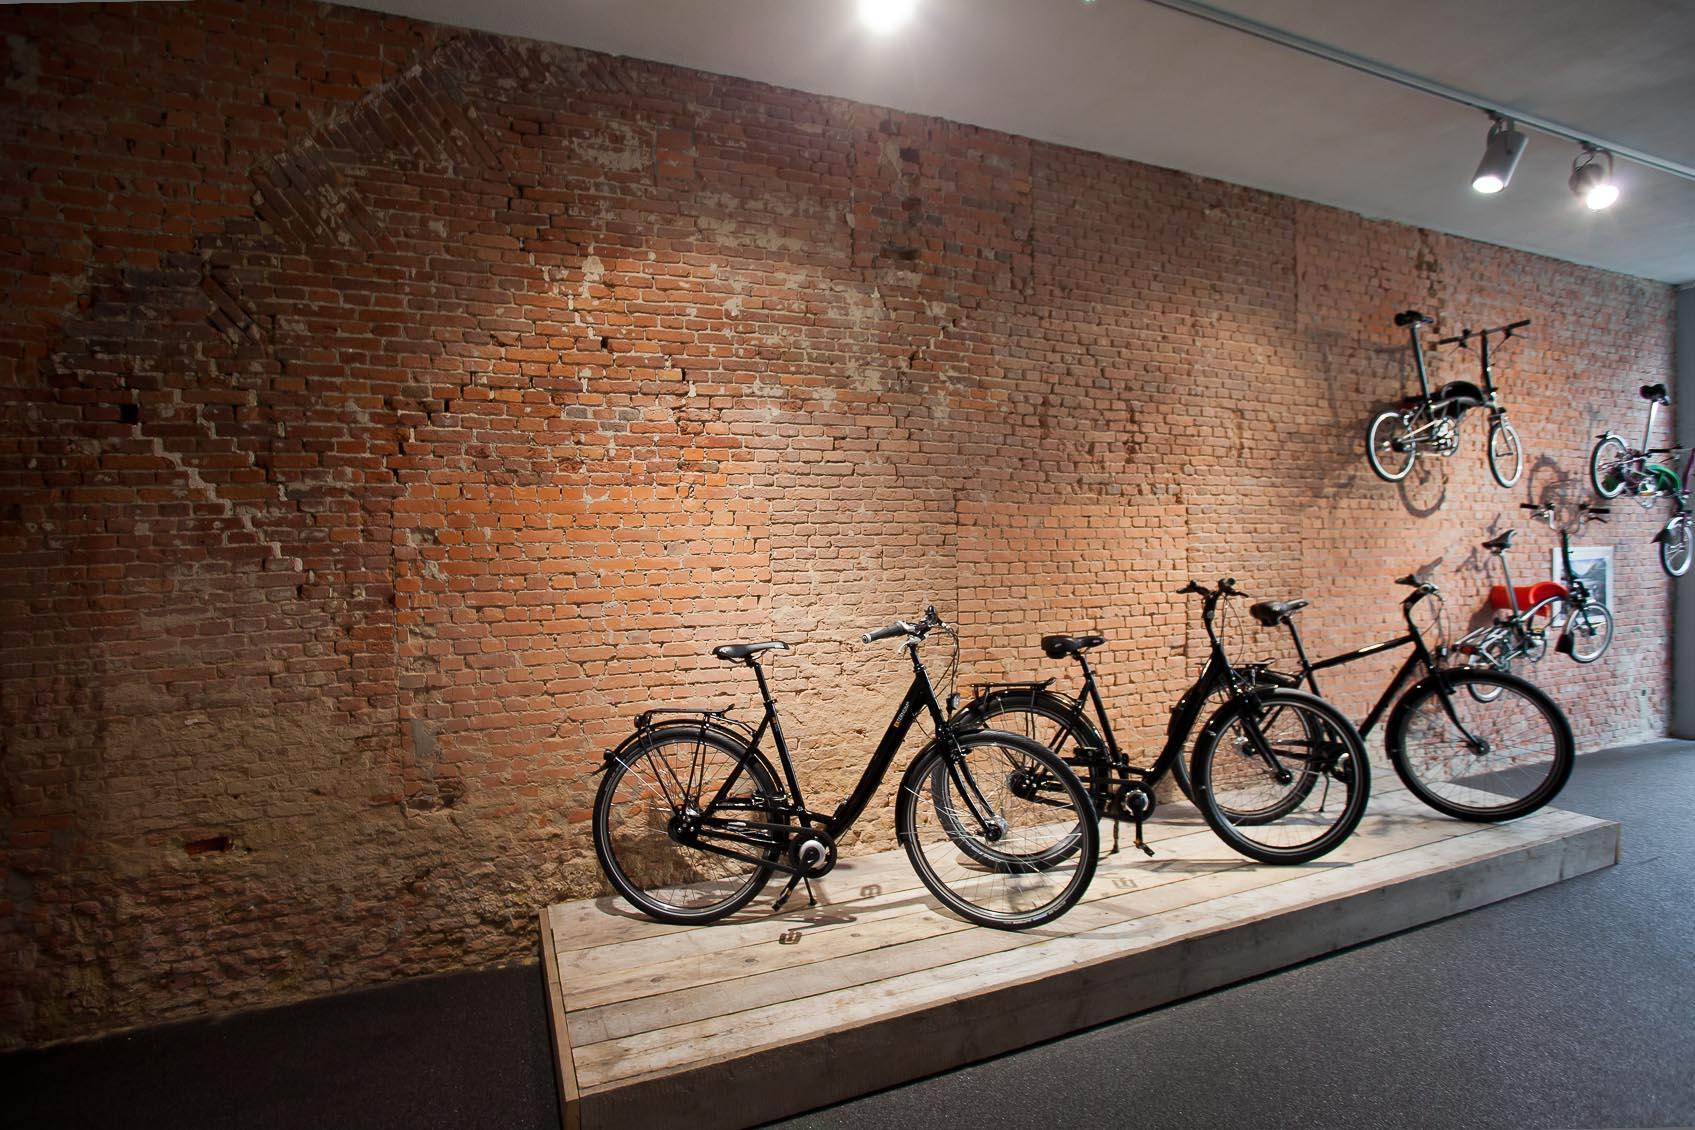 3-fase rail met aanpasbare accentverlichting als lichtoplossing voor fietsenwinkel